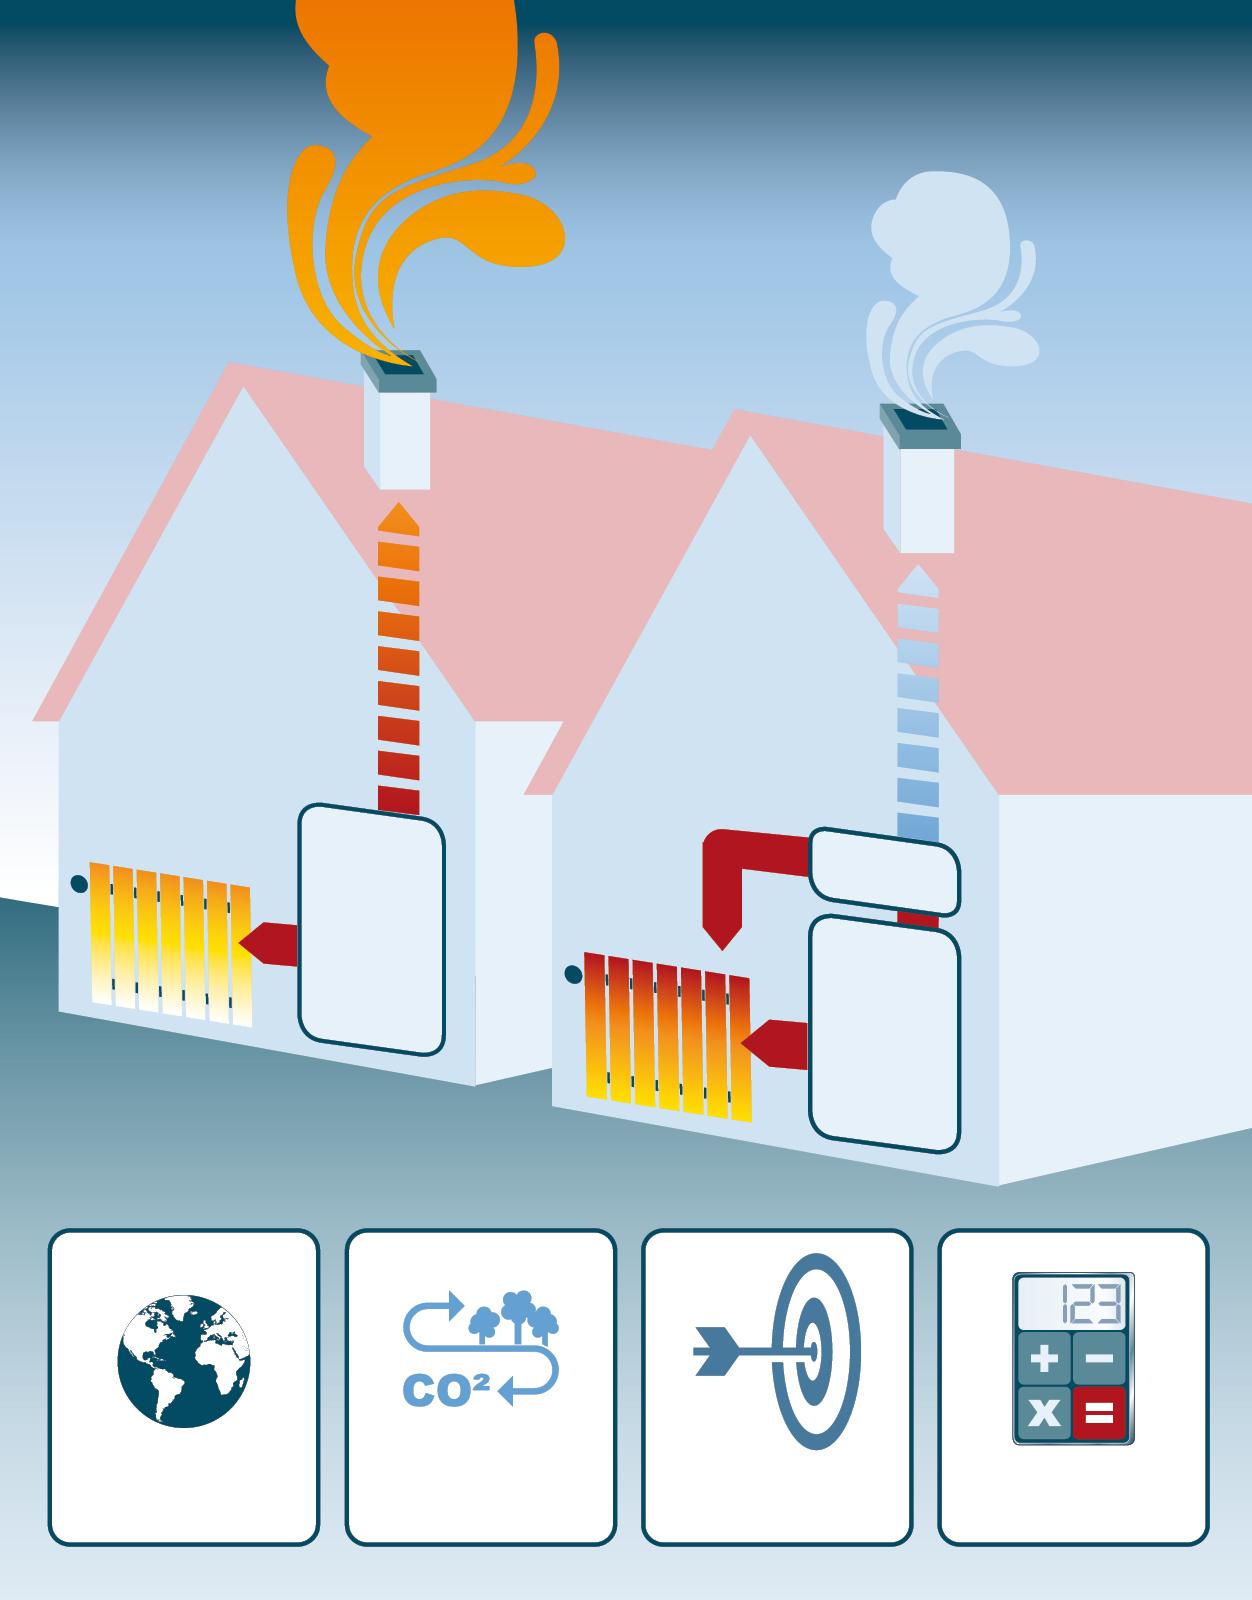 Ausgezeichnet Wie Funktioniert Gasheizung Bilder - Elektrische ...